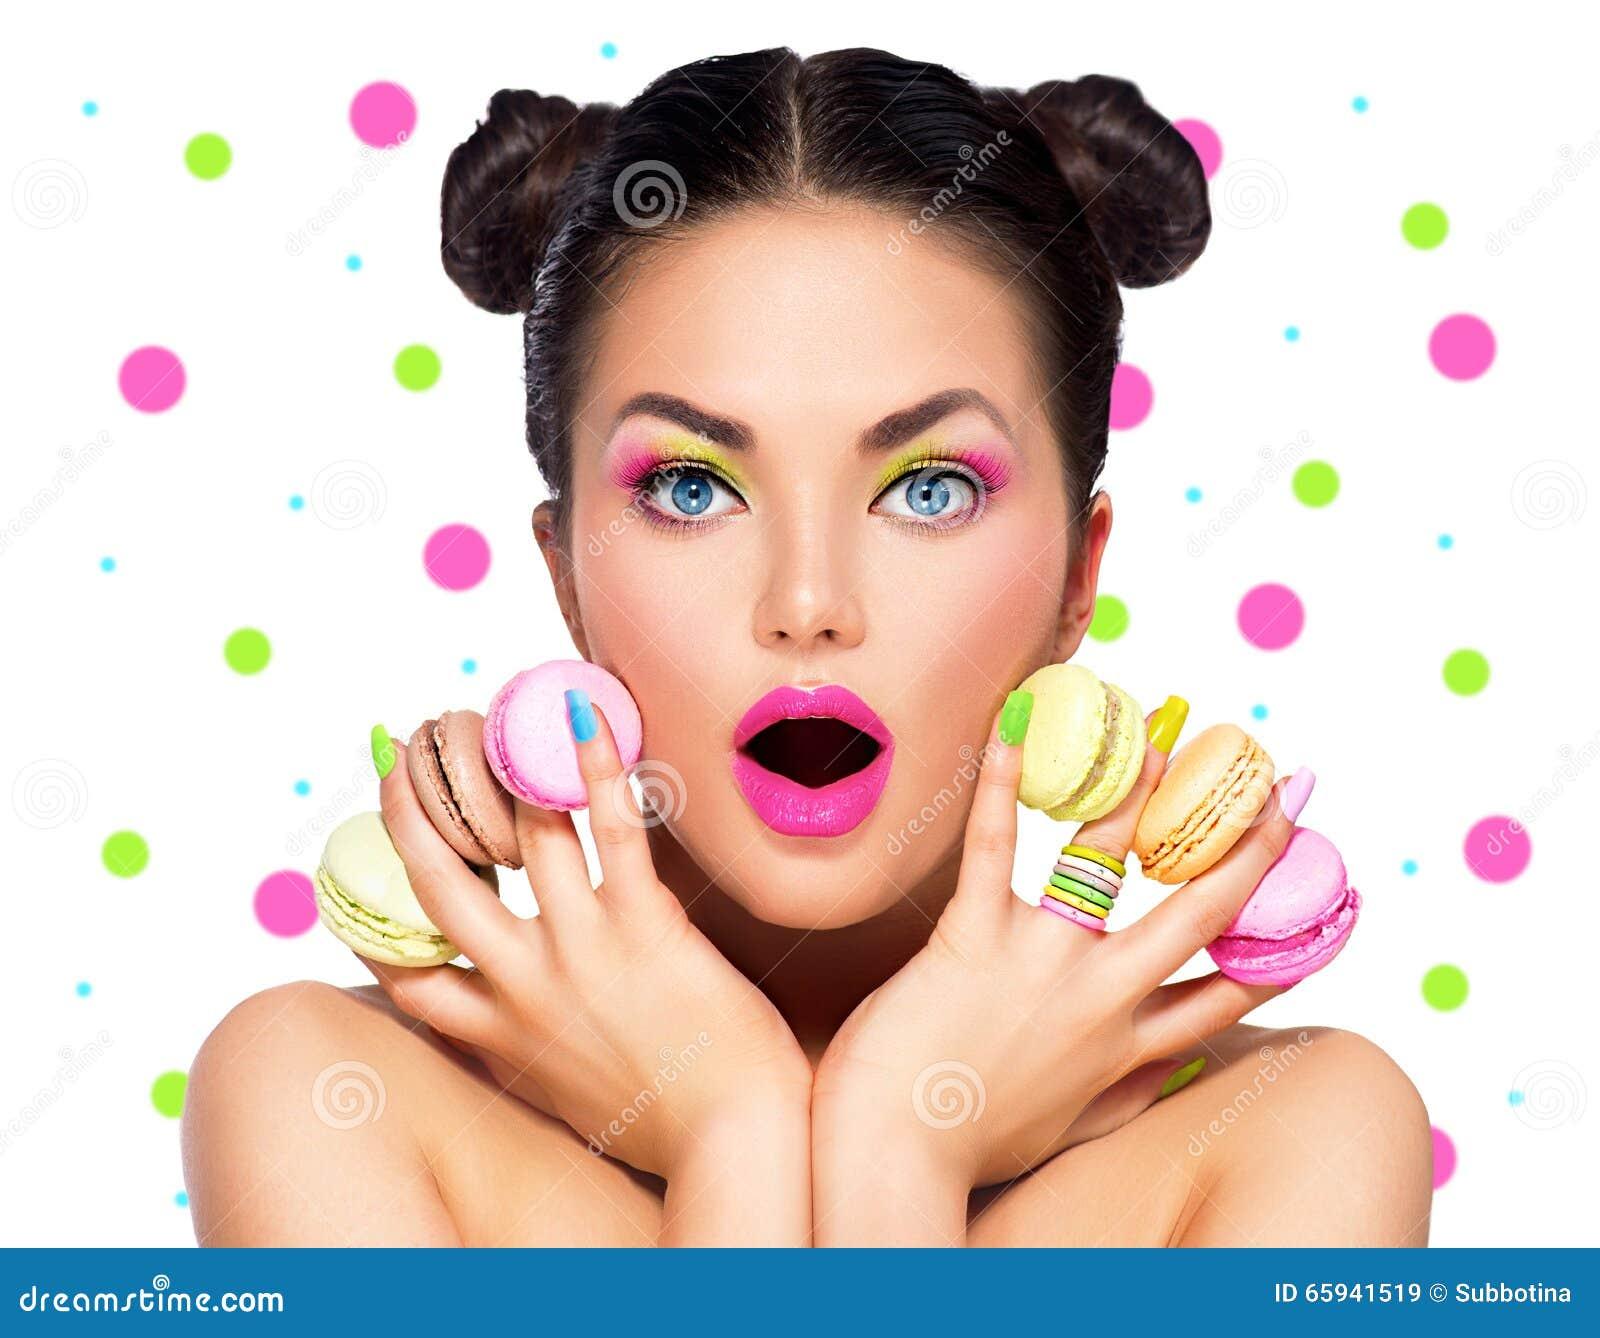 Fashion Beauty Model Girl Stock Image Image Of Manicured: Beauty Model Girl With With Colorful Macaroons Stock Image